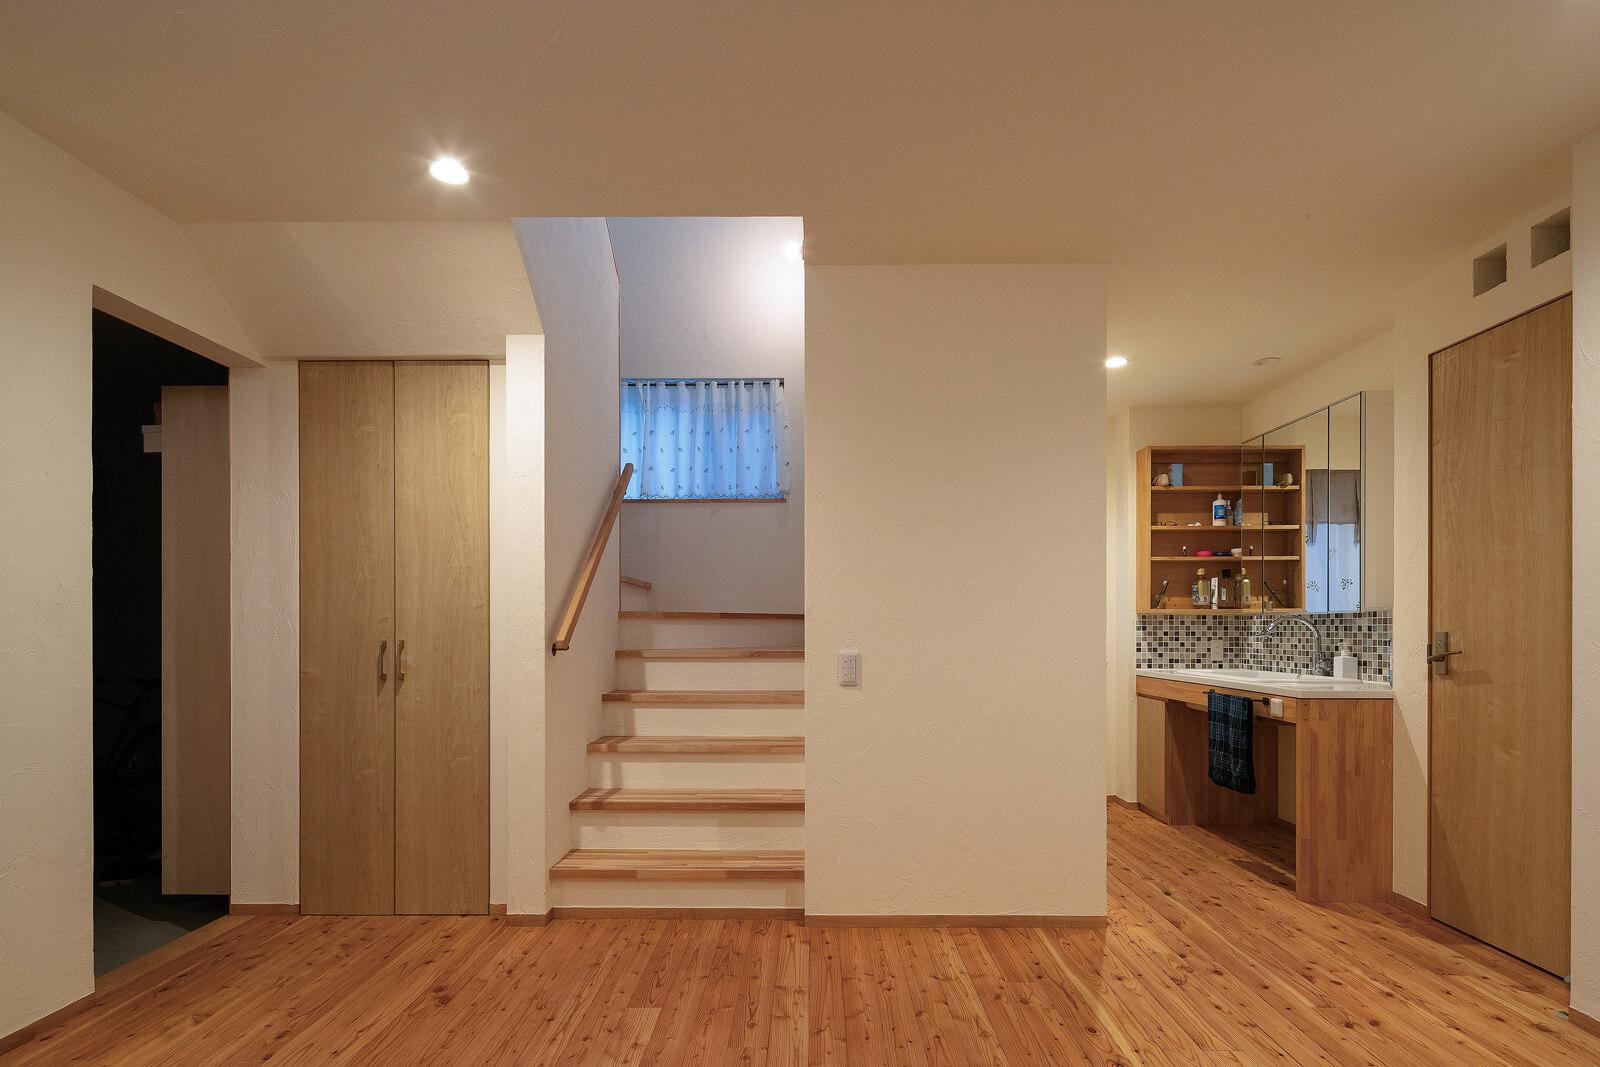 1階は水まわりと寝室をまとめて、朝の身支度や就寝前の動線を便利に工夫して設計した